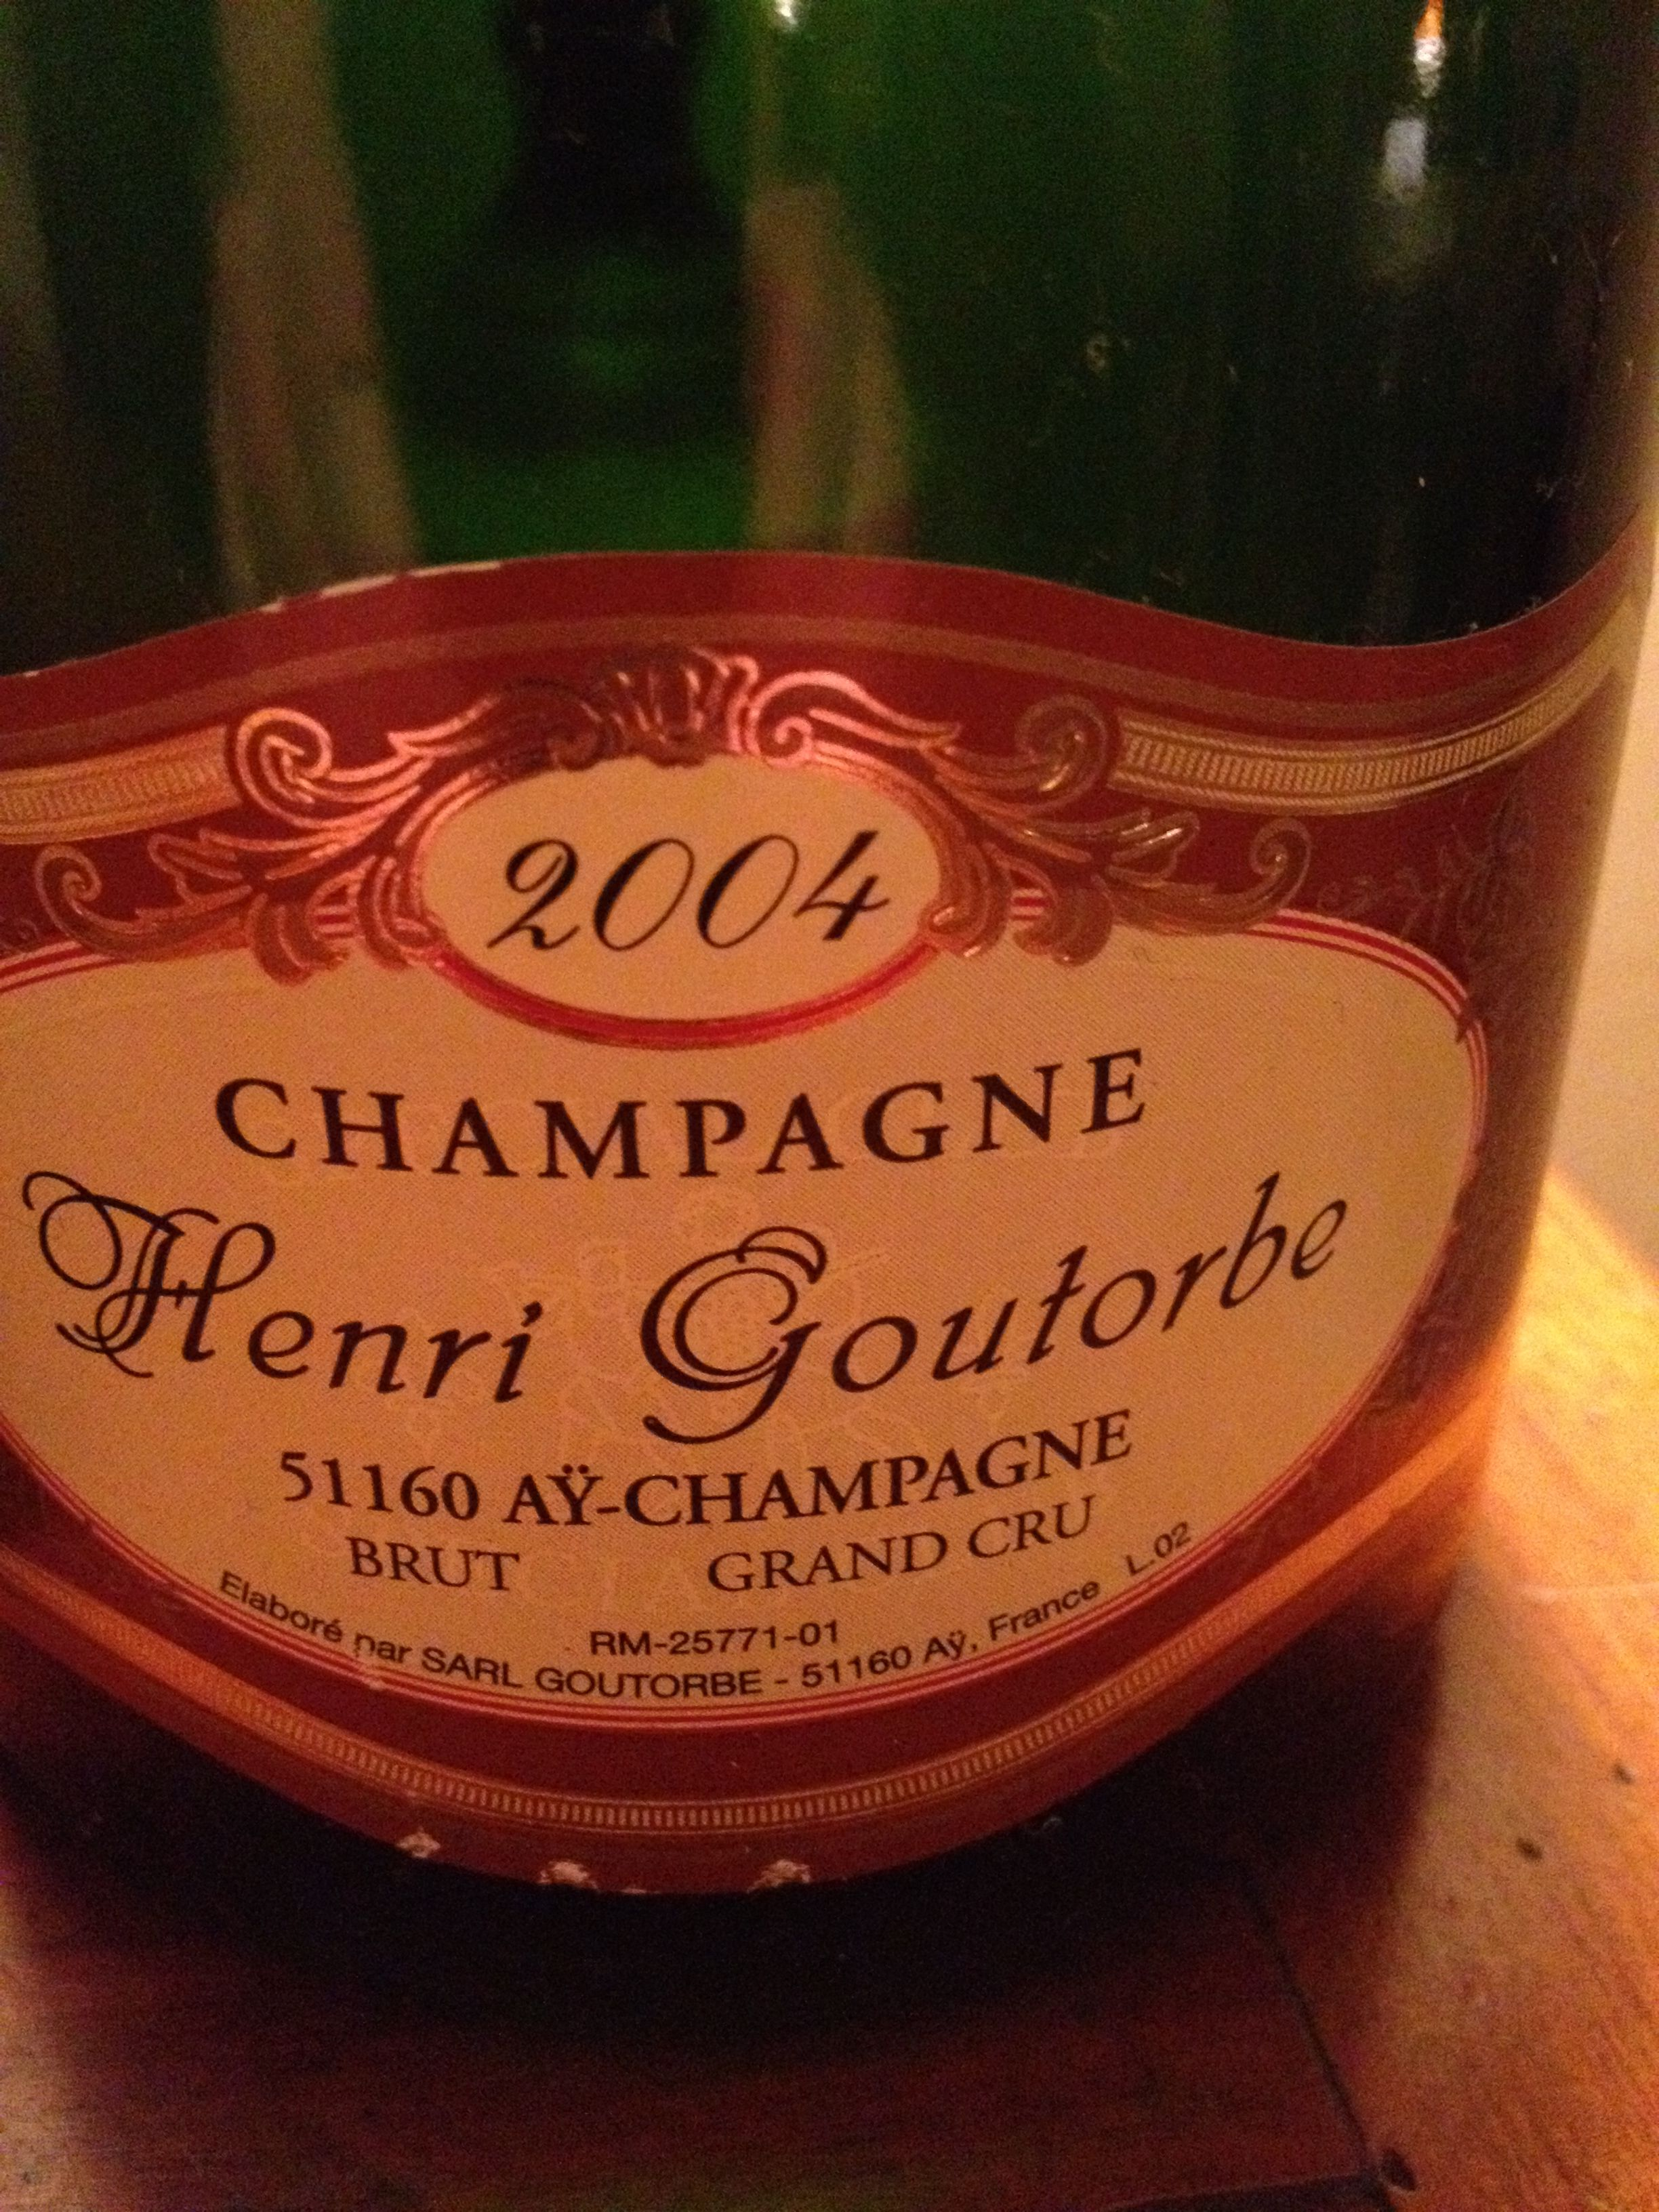 2004 Henri Goutorbe Brut Grand Cru Champagne Champagne Cru Grands